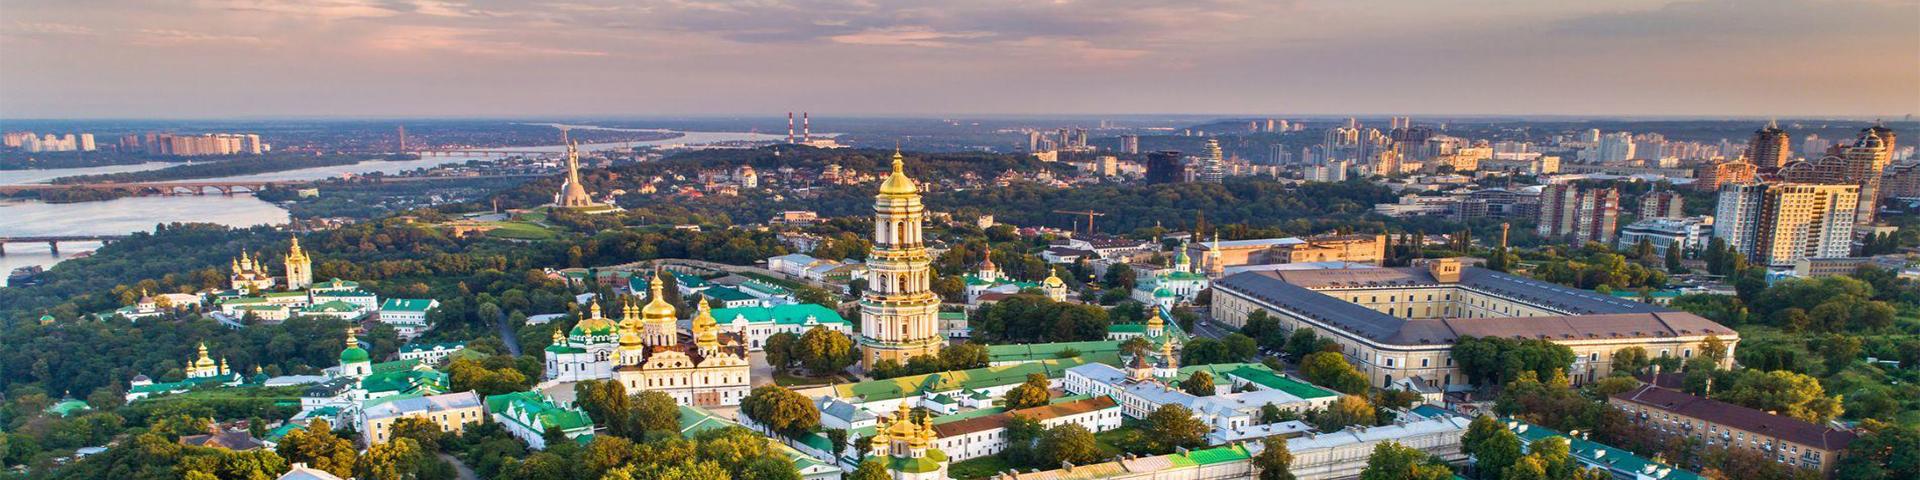 تور کیف همیشه سفر